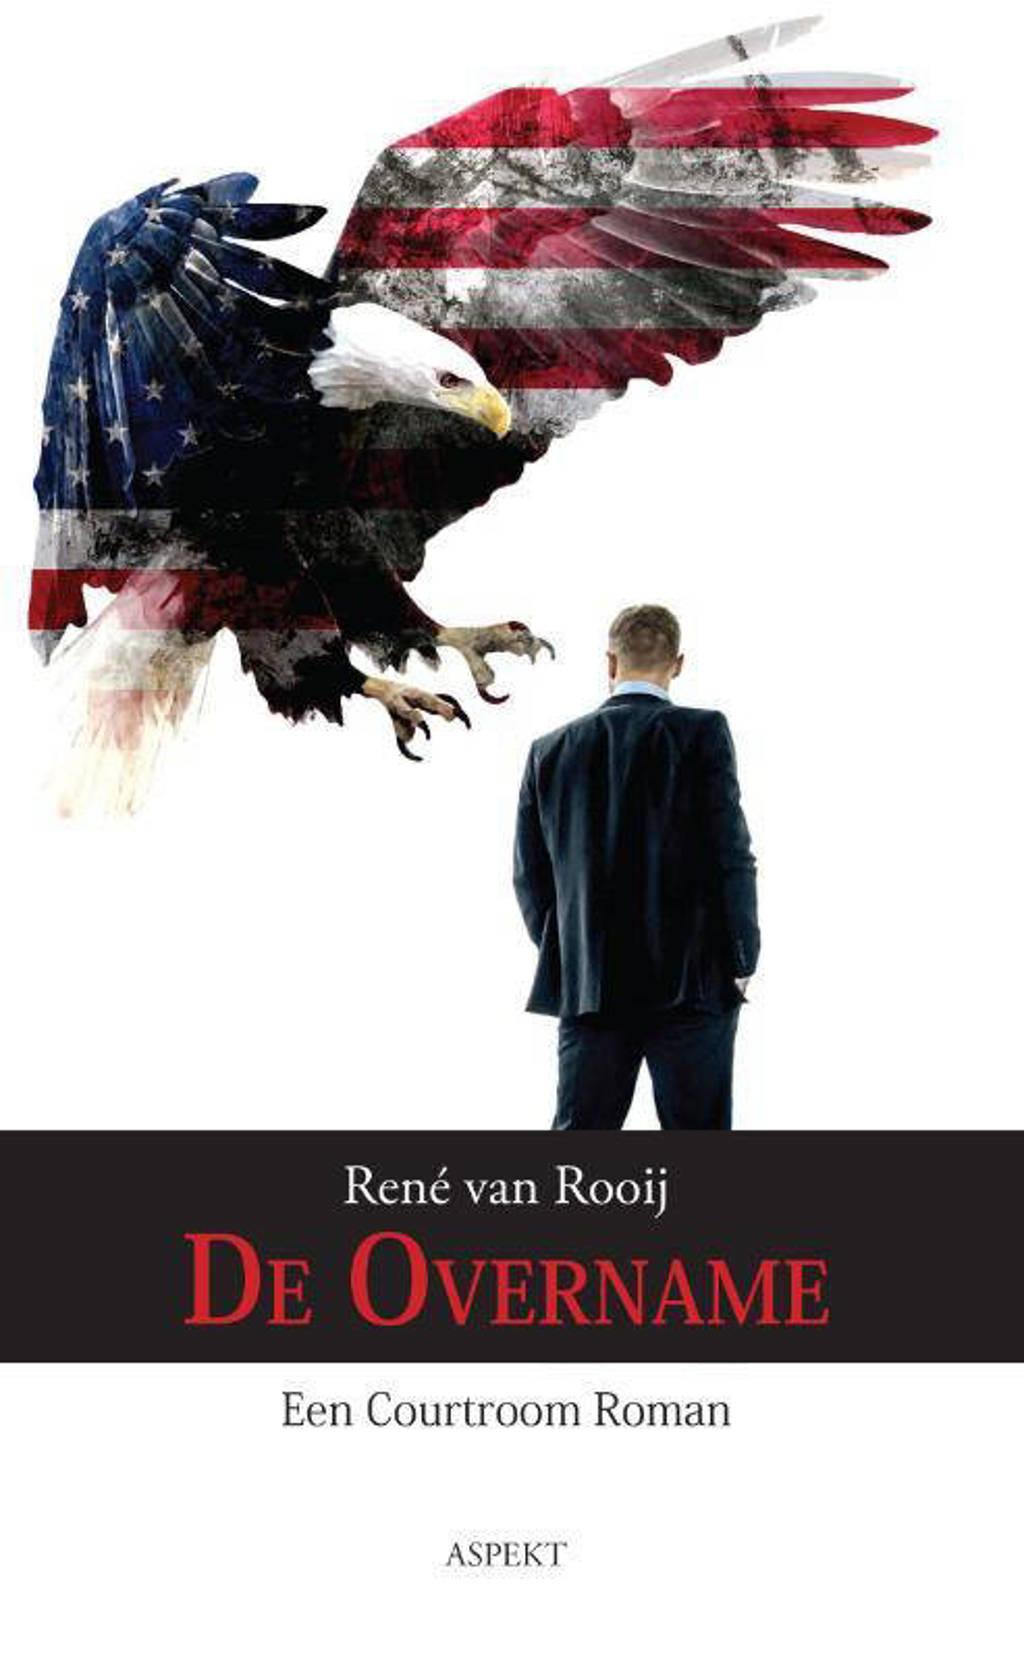 De overname - René van Rooij